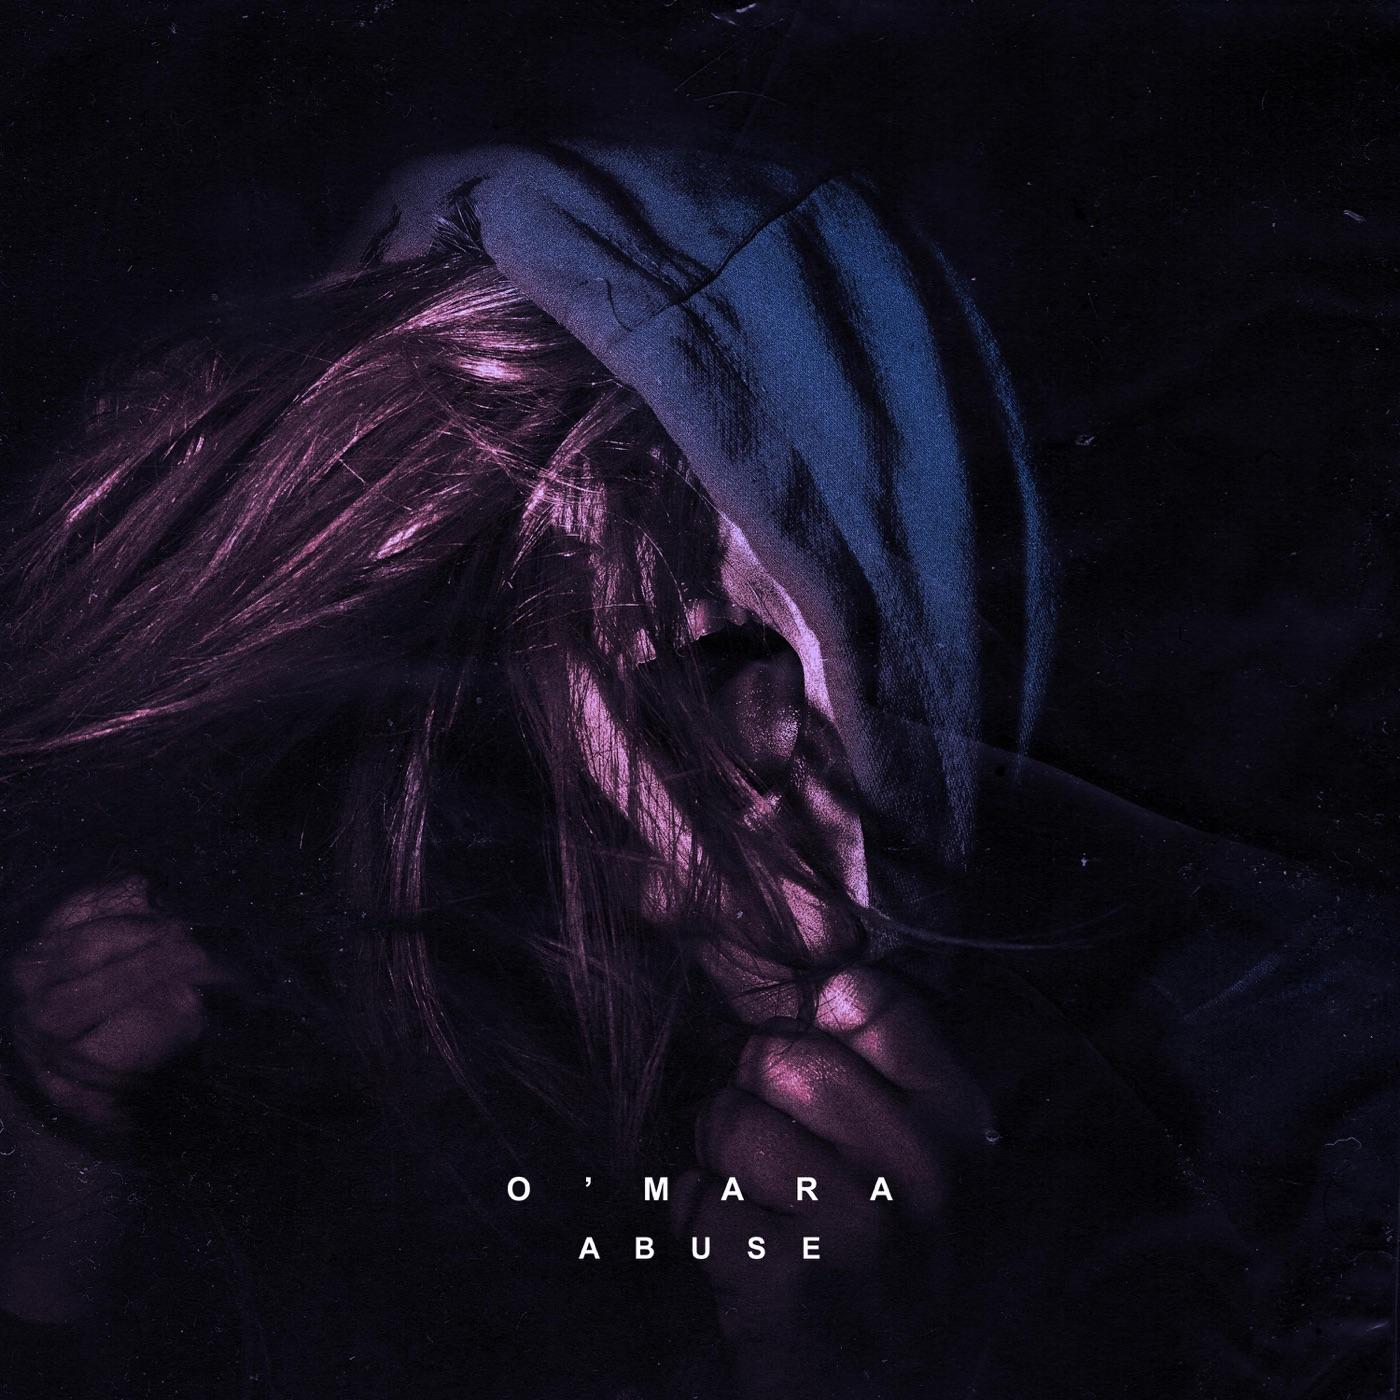 O'mara - Abuse [EP] (2020)